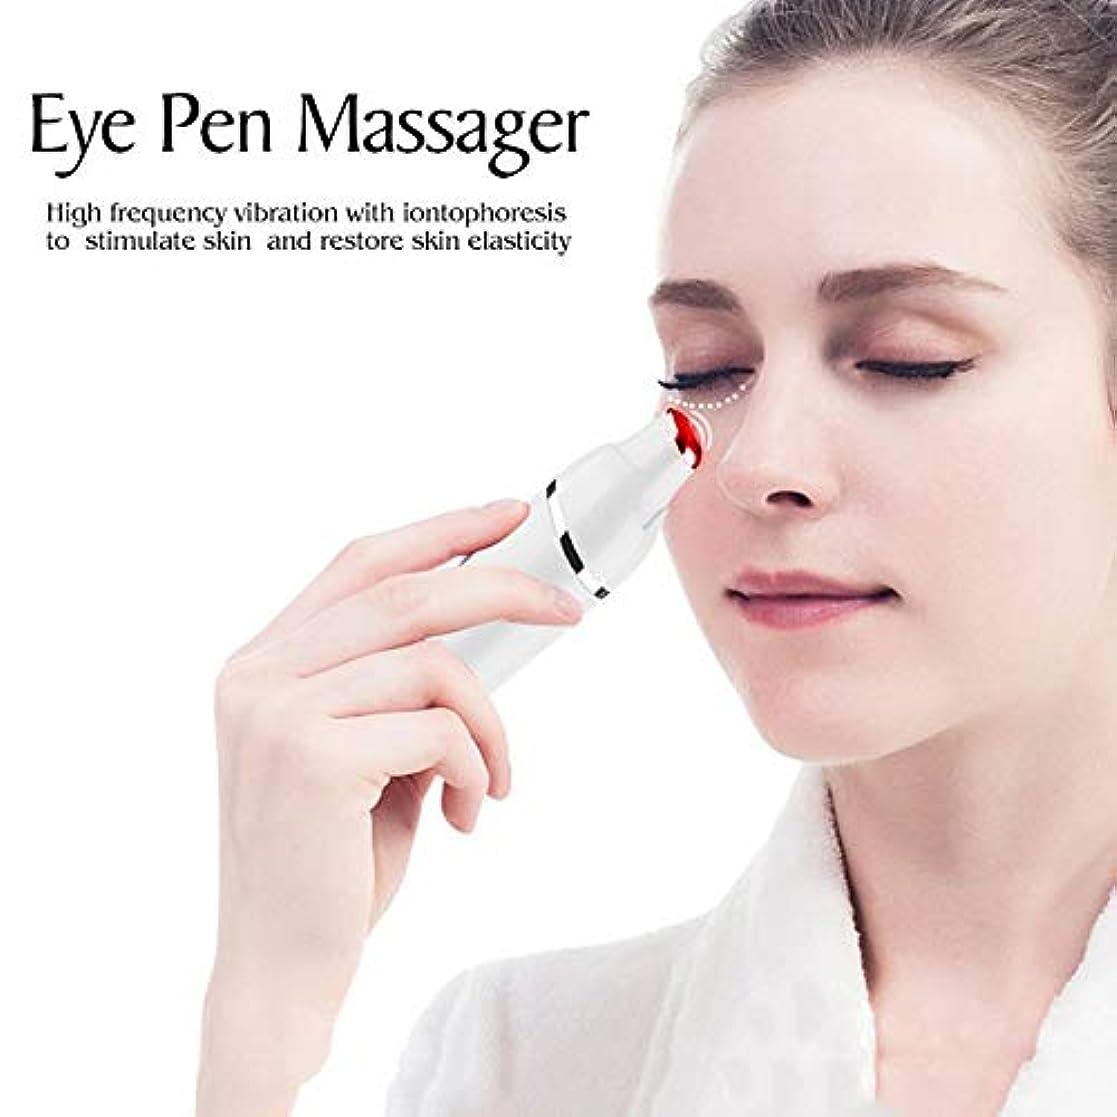 メディア人差し指ポンペイソニックアイマッサージャー、目の疲れのための42℃加熱治療用ワンド、アイクリームを効果的に促進するためのアニオンの輸入